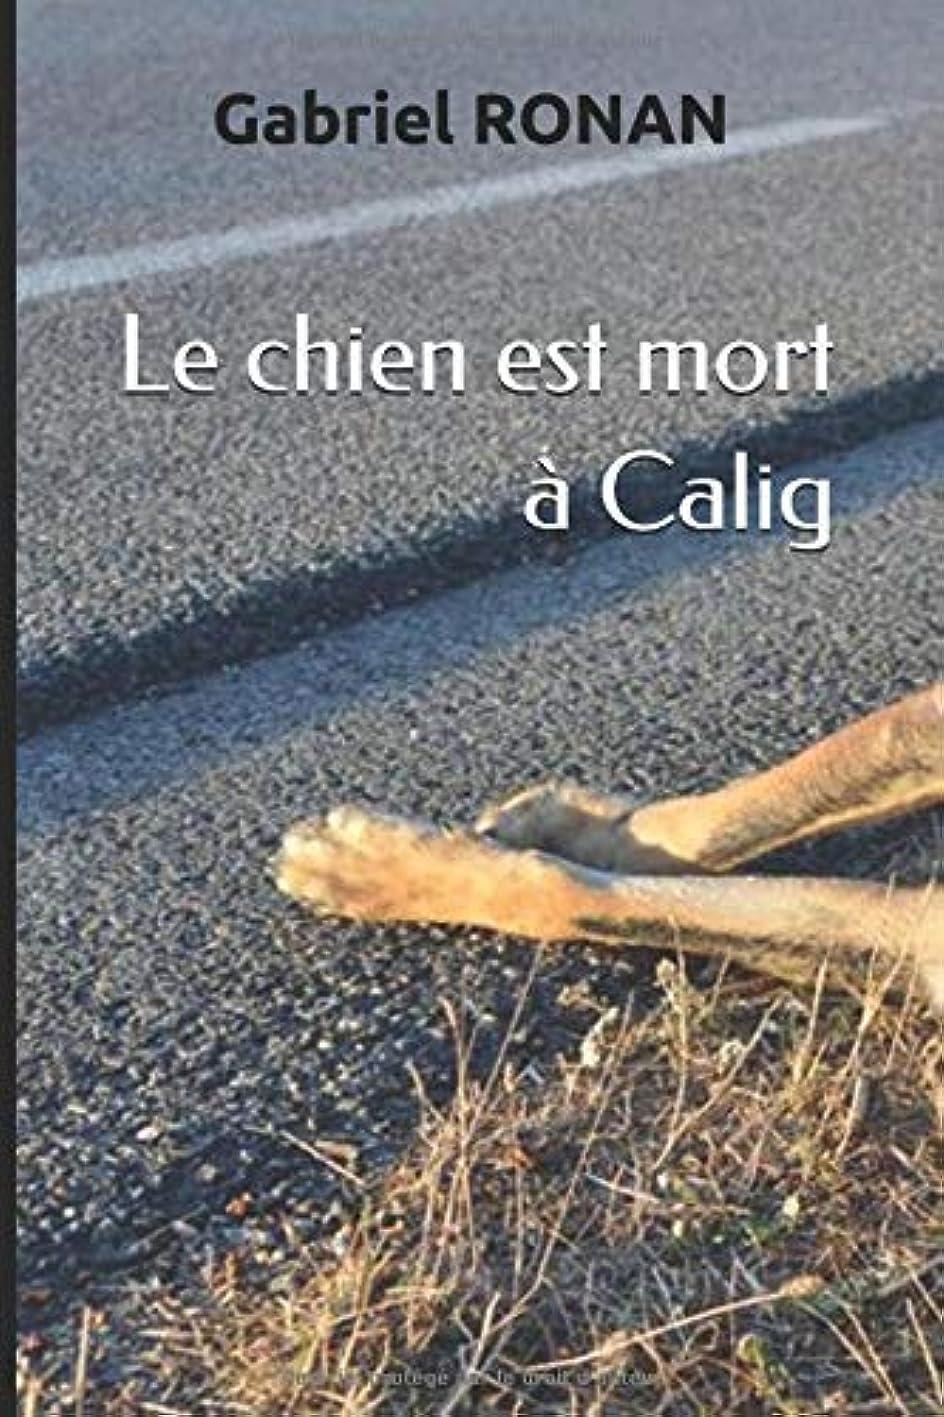 サージ国民文明化Le chien est mort à Calig